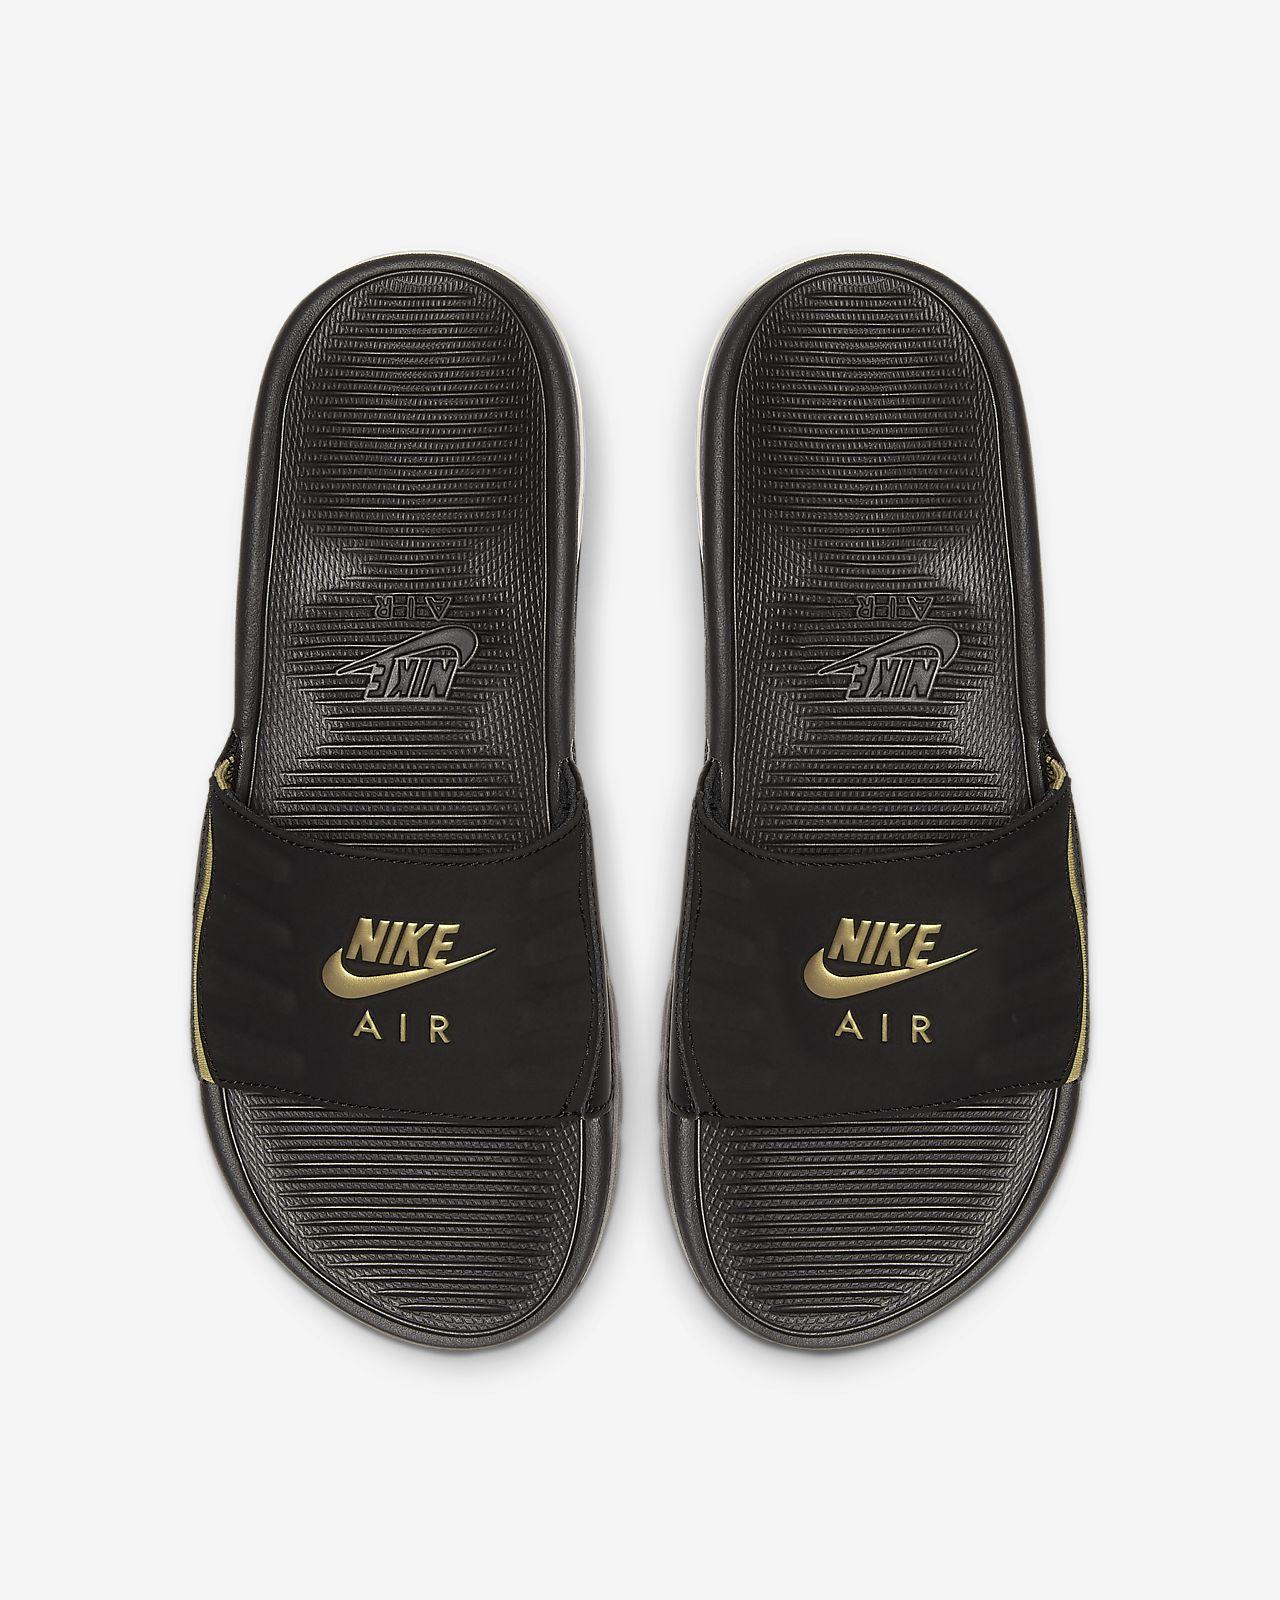 รองเท้าแตะผู้หญิงแบบสวม Nike Air Max Camden